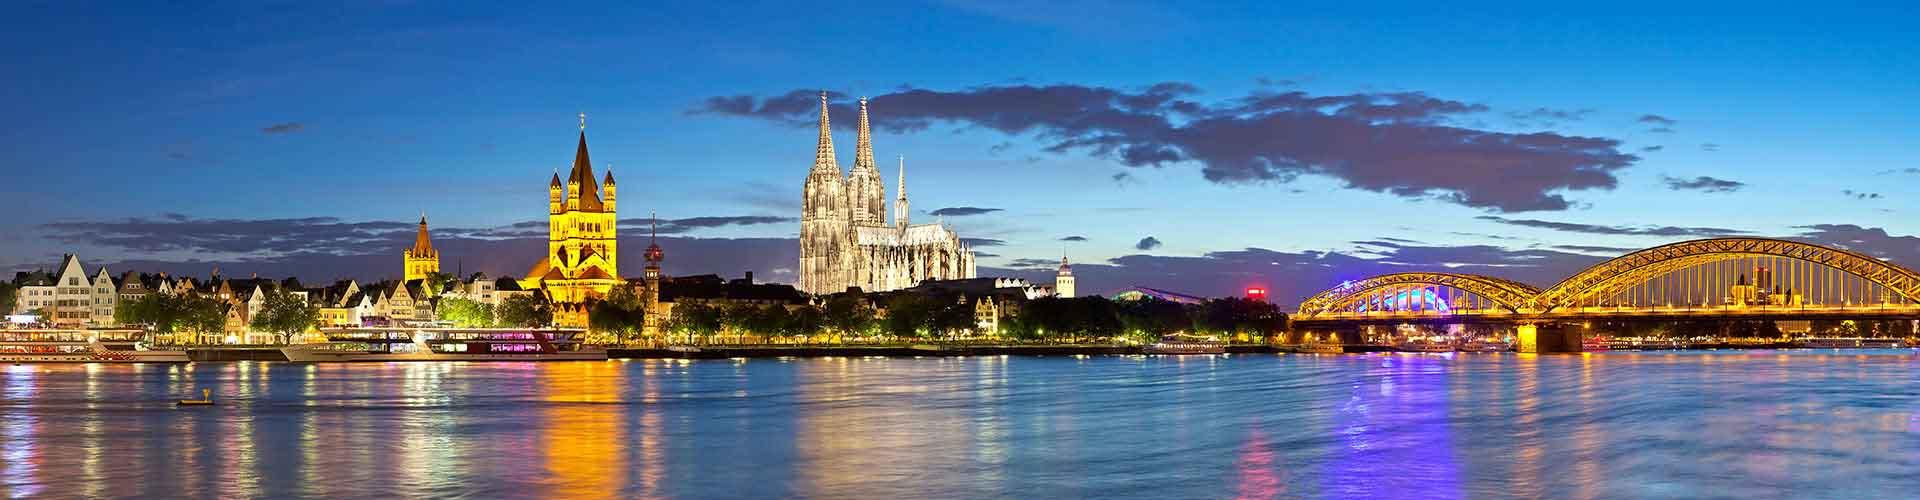 Köln – Retkeily kaupungiosassa Kaupunki. Köln -karttoja, valokuvia ja arvosteluja kaikista Köln -retkeilyalueista.